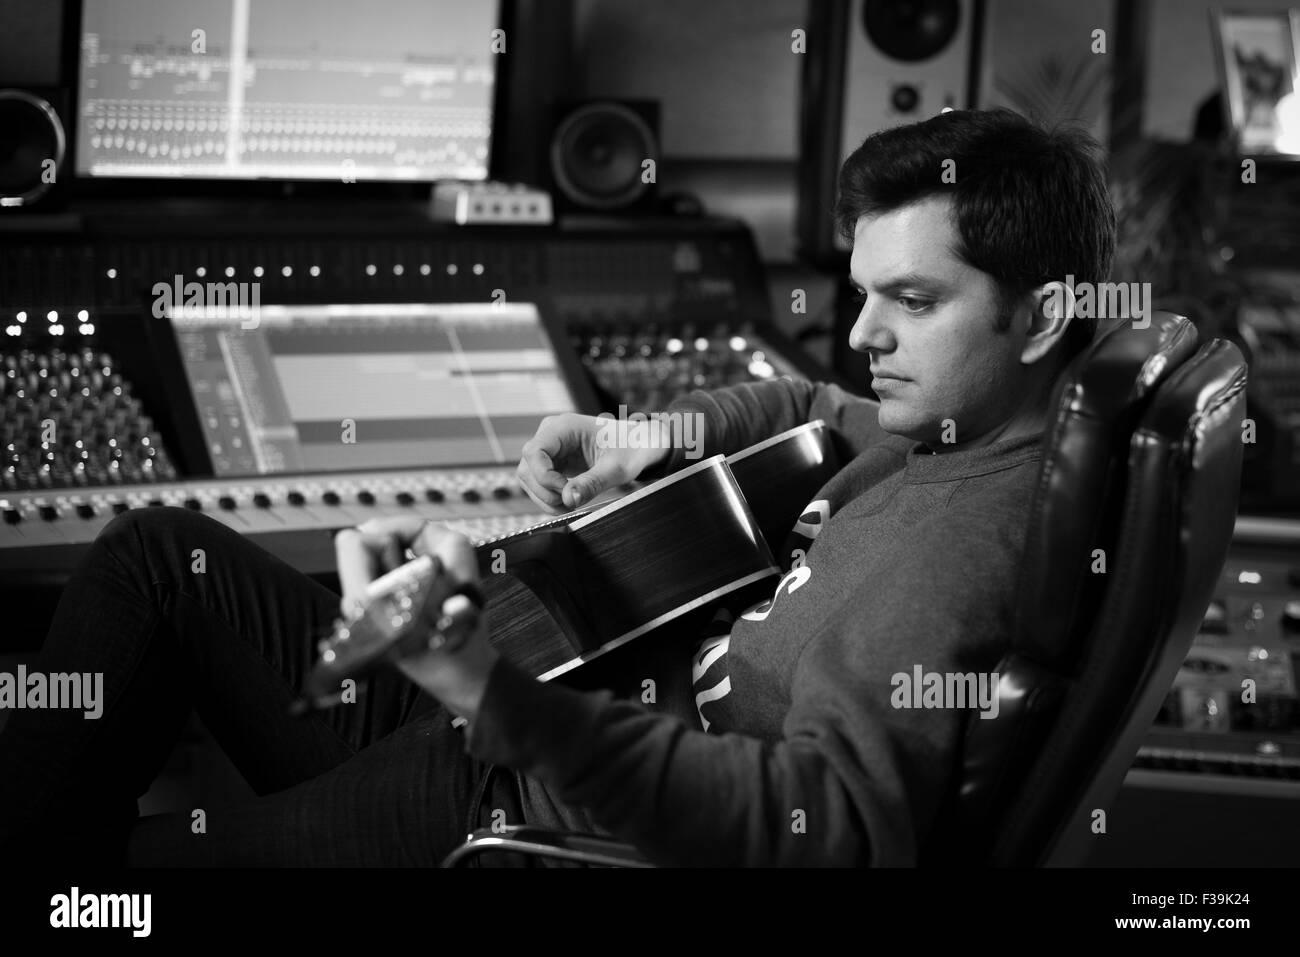 Man playing guitar in recording studio - Stock Image